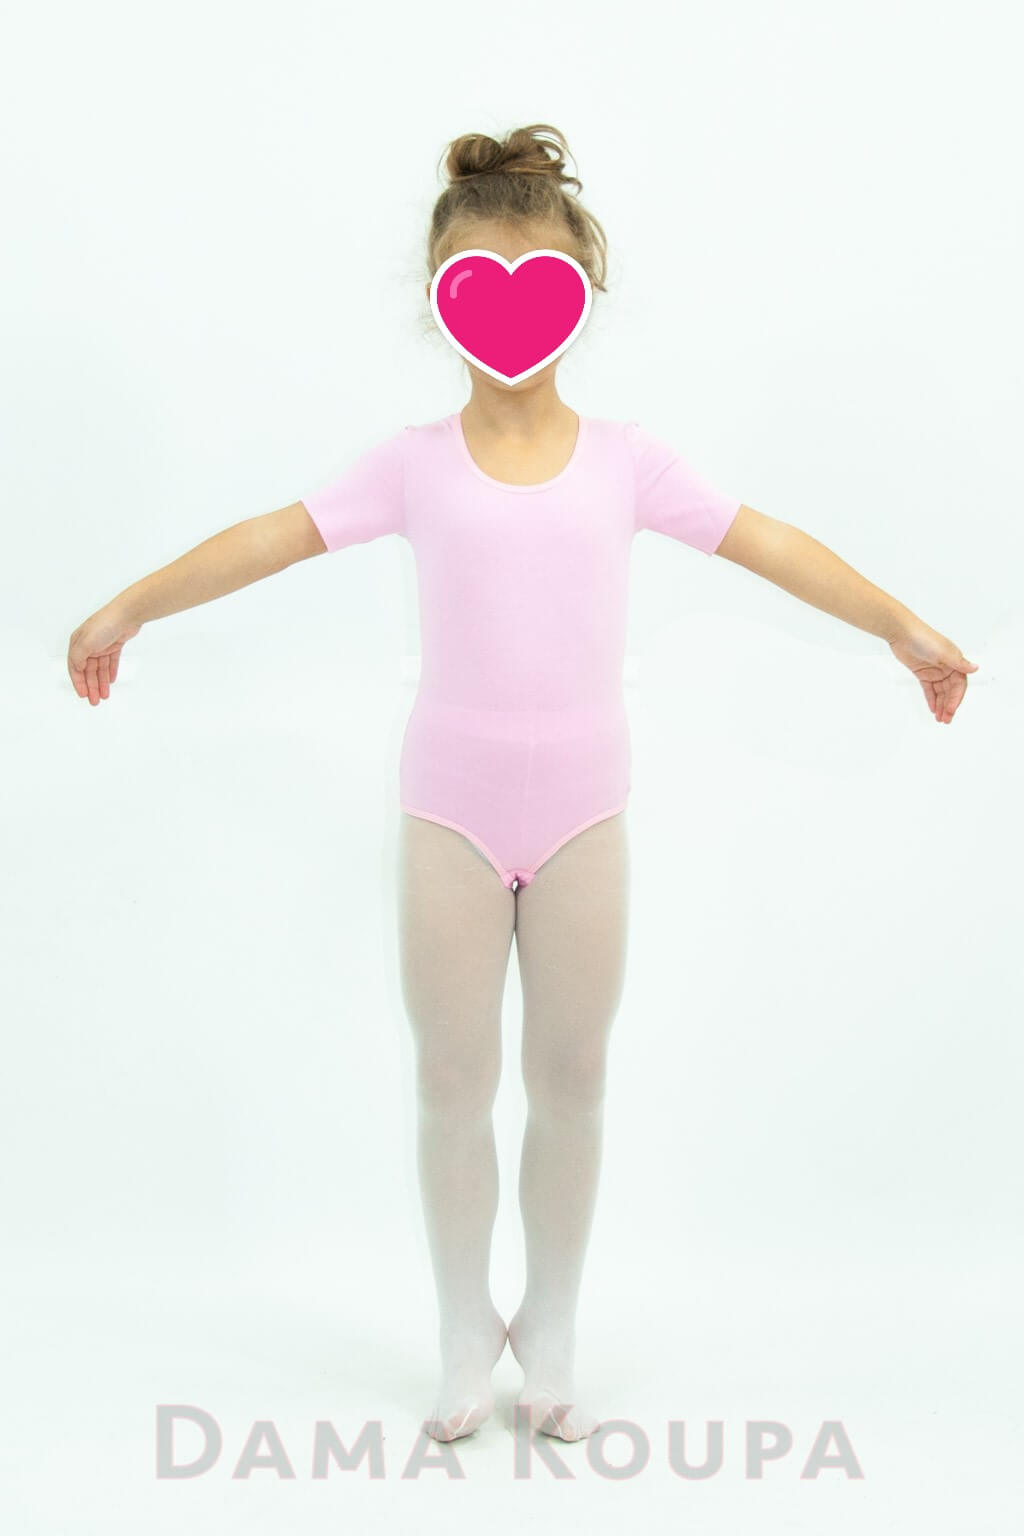 Παιδικό κορμάκι βαμβακολύκρα με κοντό μανίκι ροζ Dama Koupa 70e9ff531f9